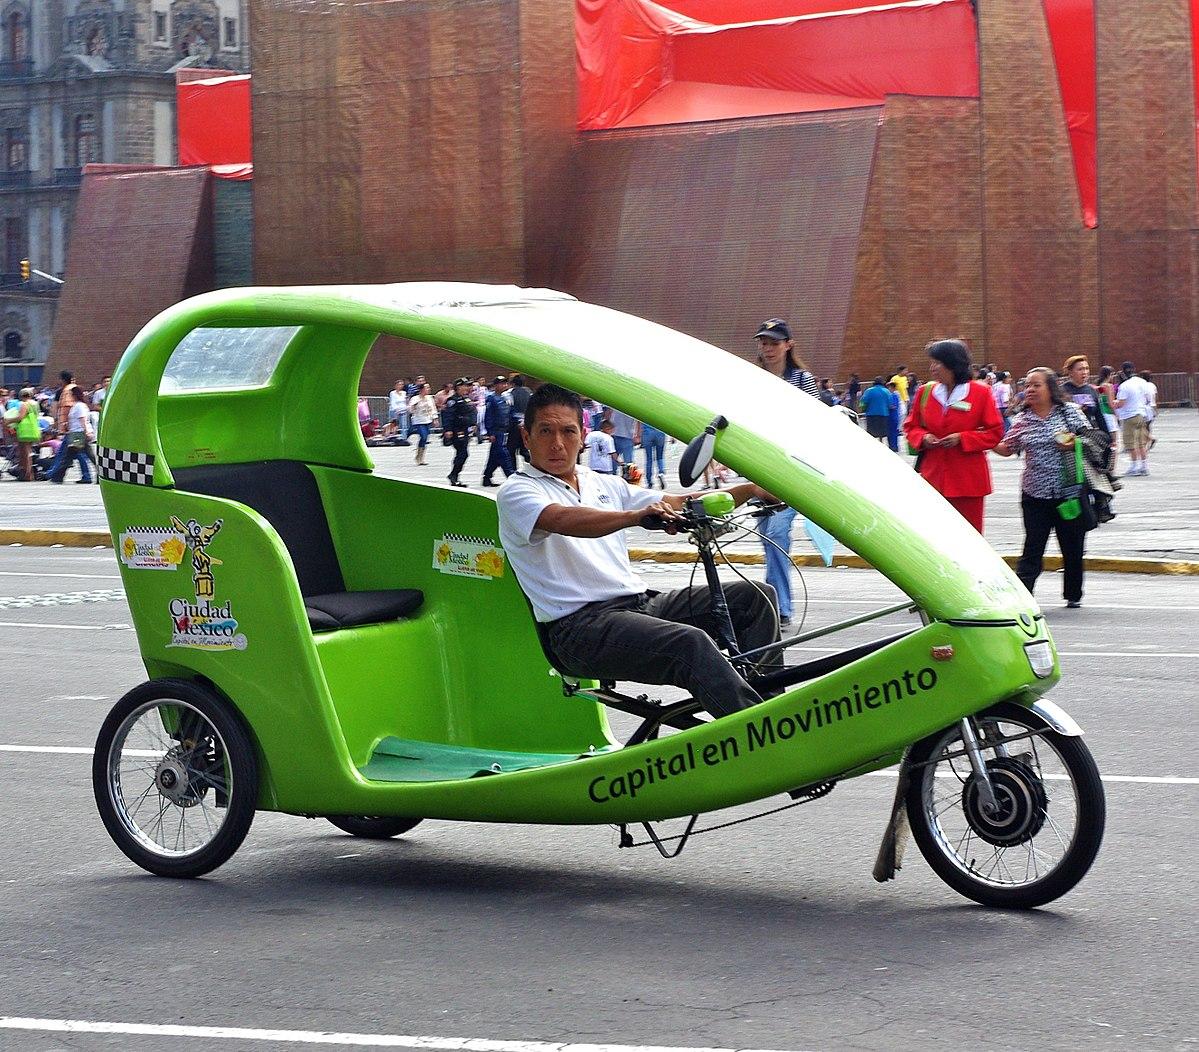 Cycle rickshaw - Wikipedia